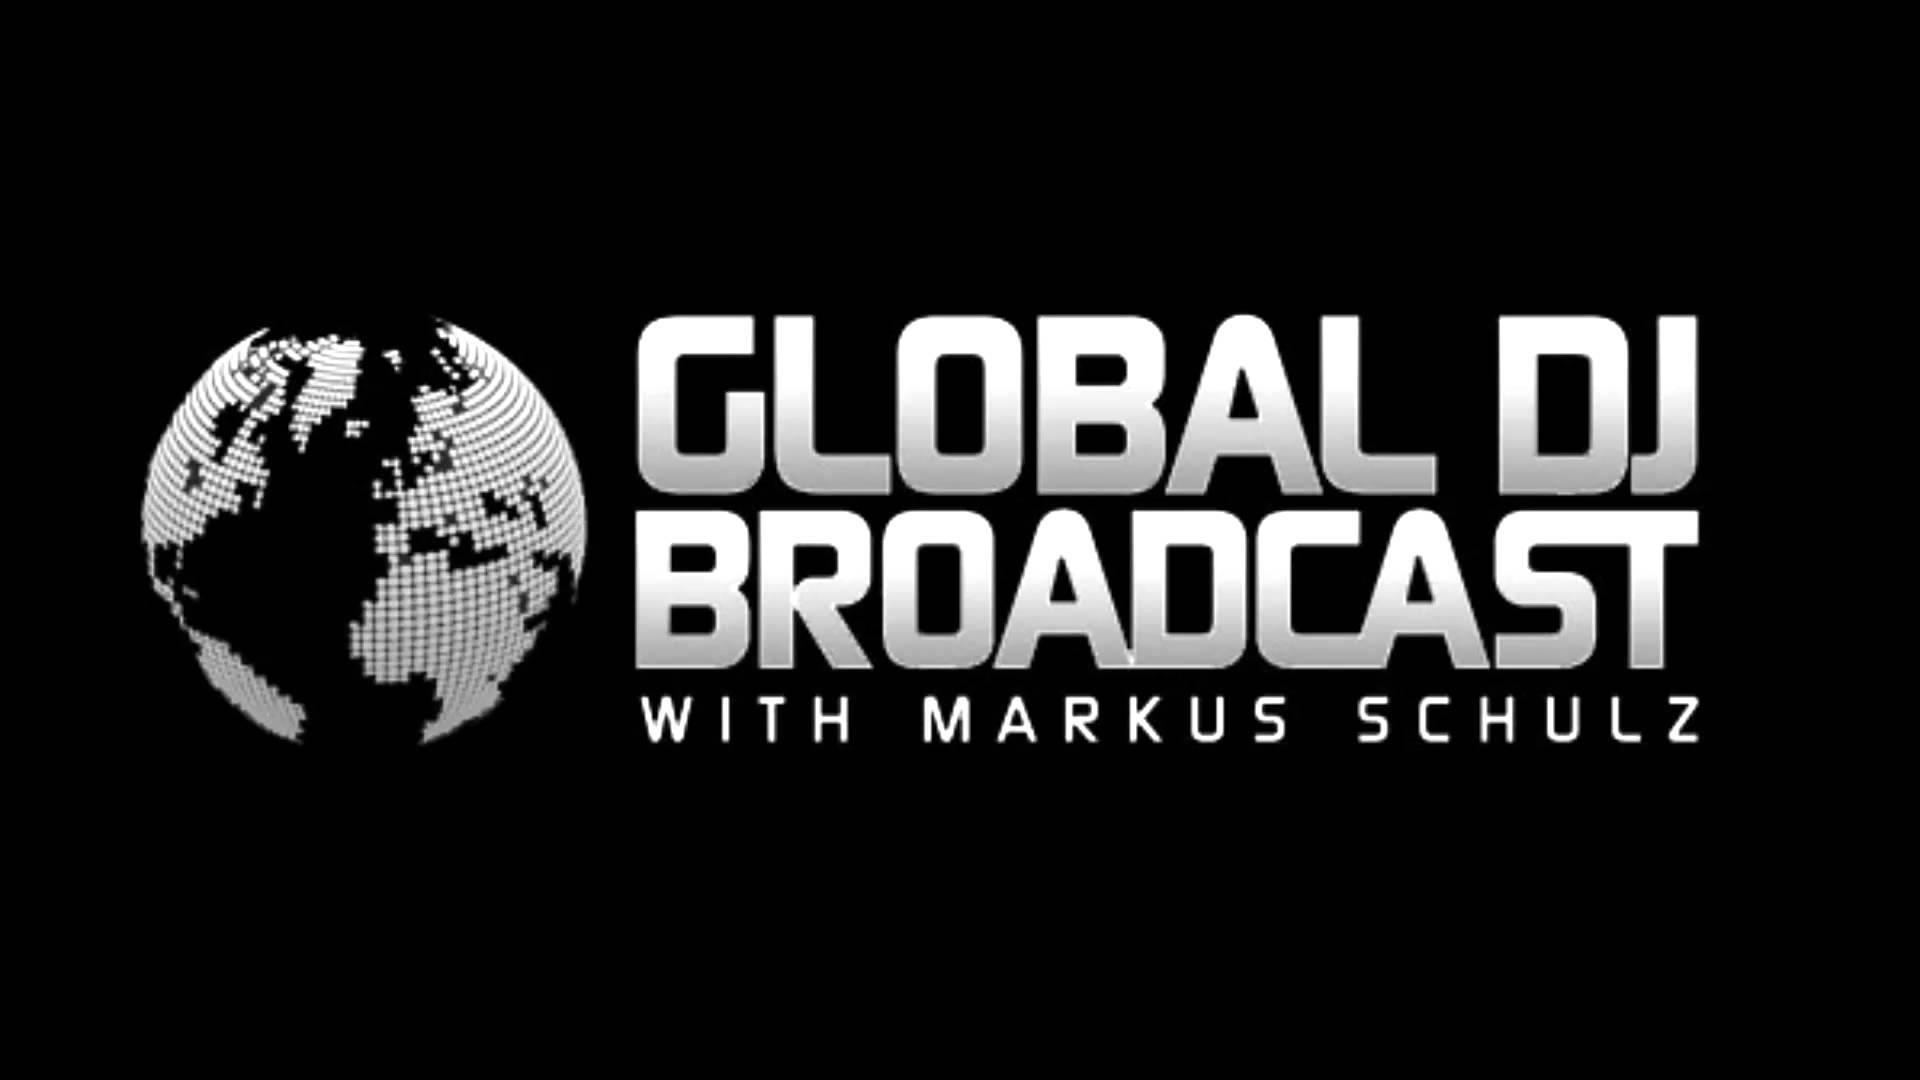 Imagini pentru GLOBAL DJ BROADCAST